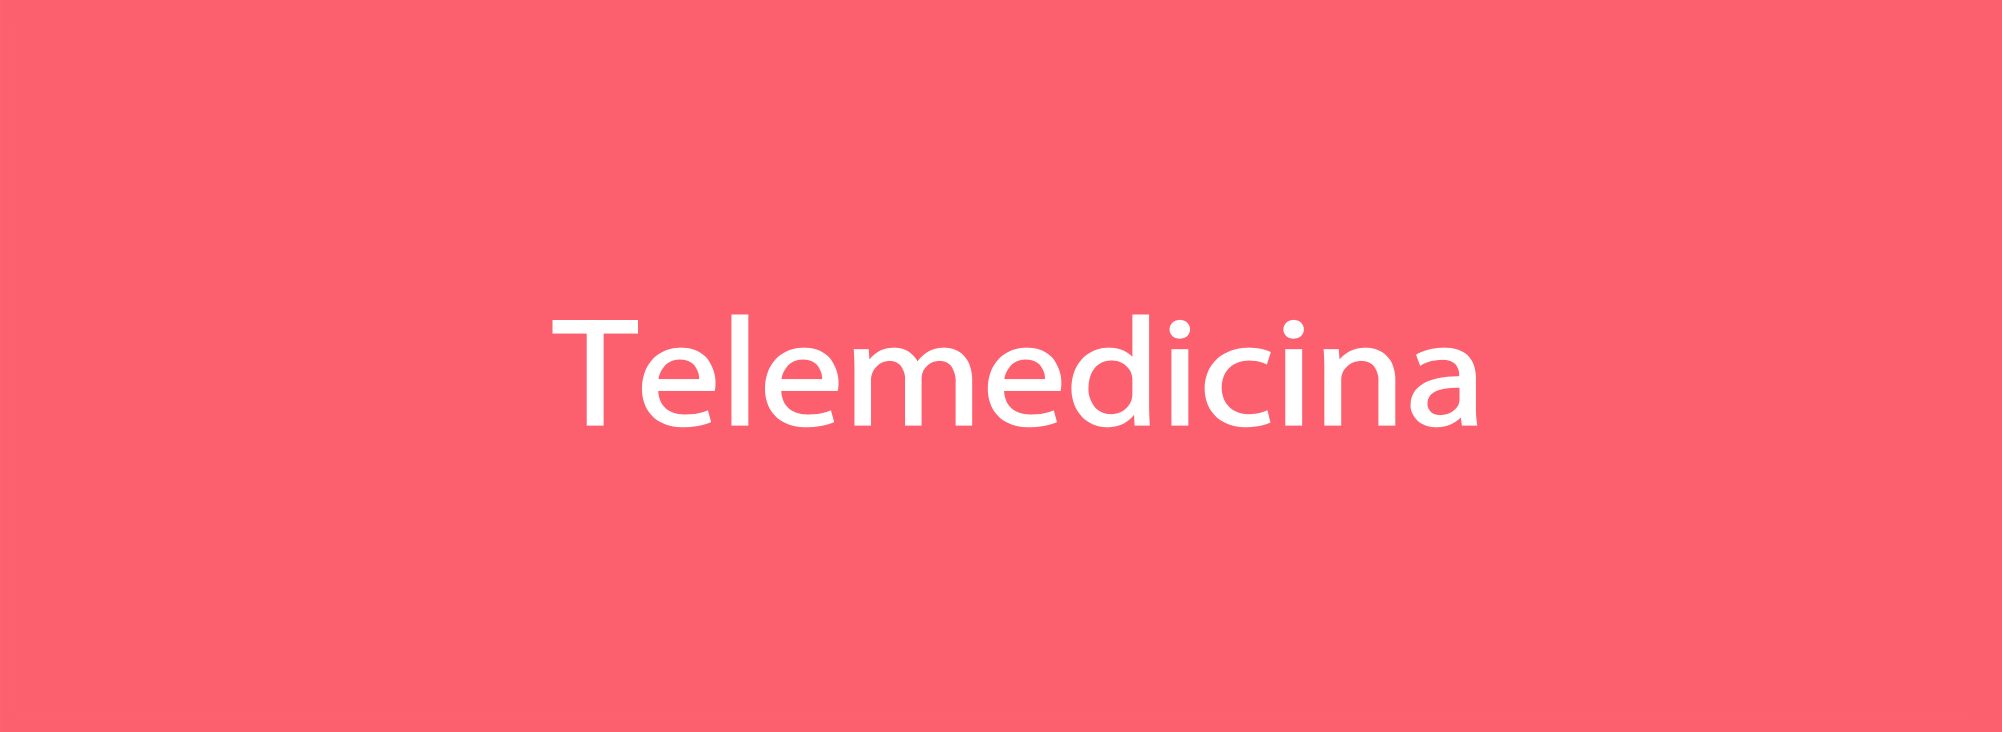 Telemedicina.png